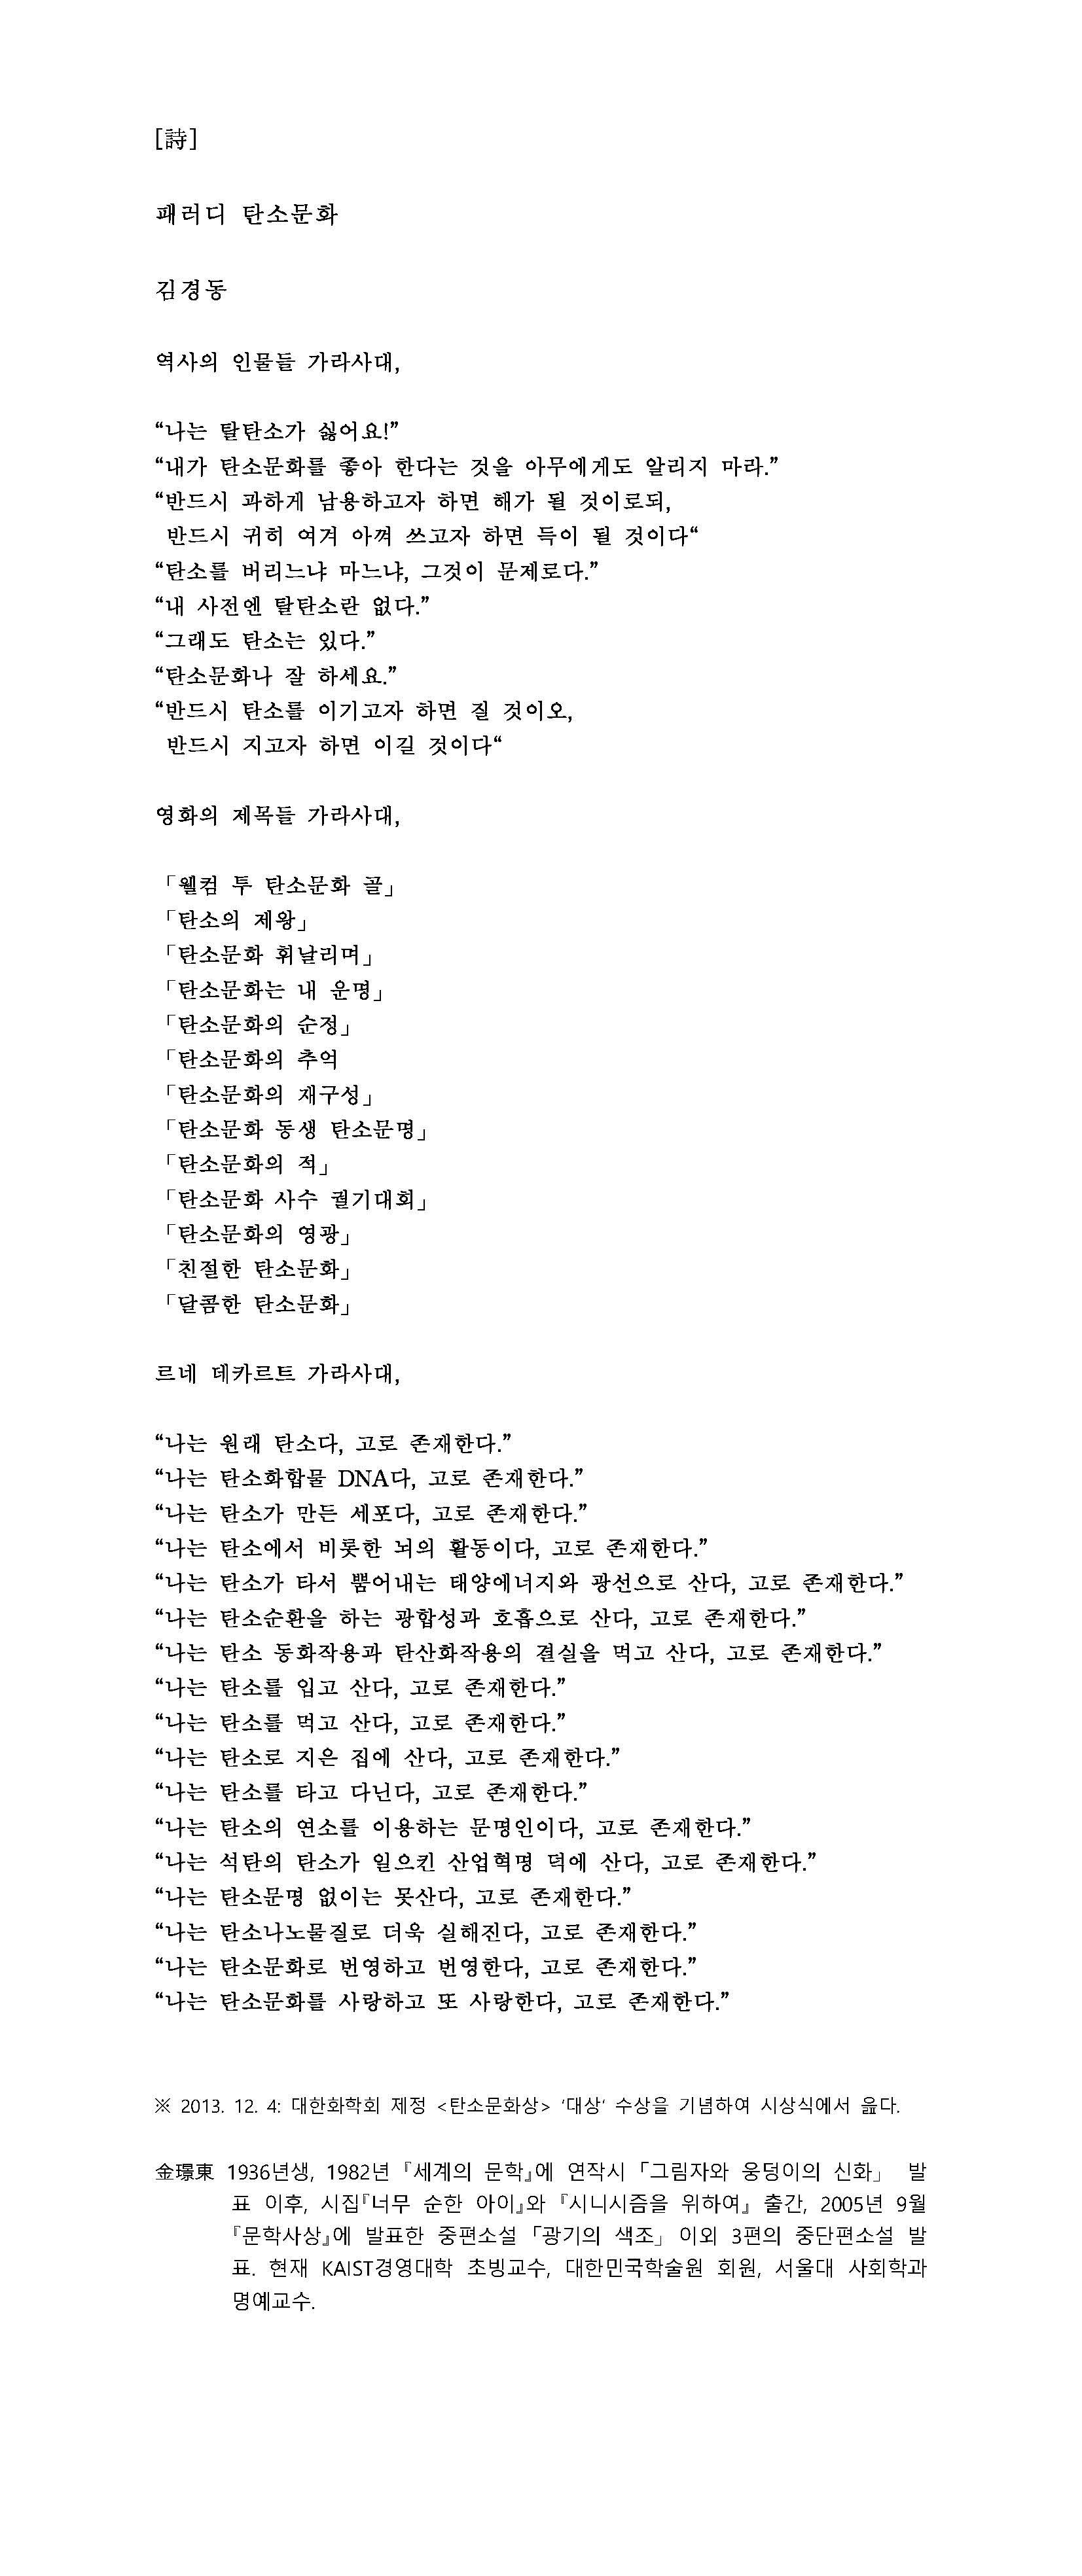 탄소문화_패러디-1312_김경동.jpg